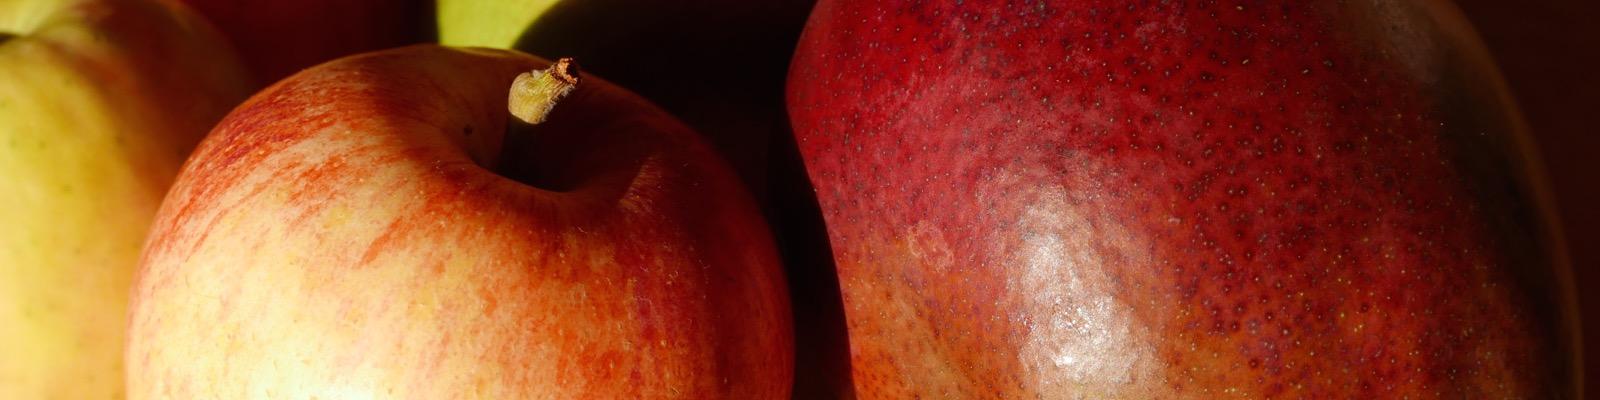 Apfel trifft Mango